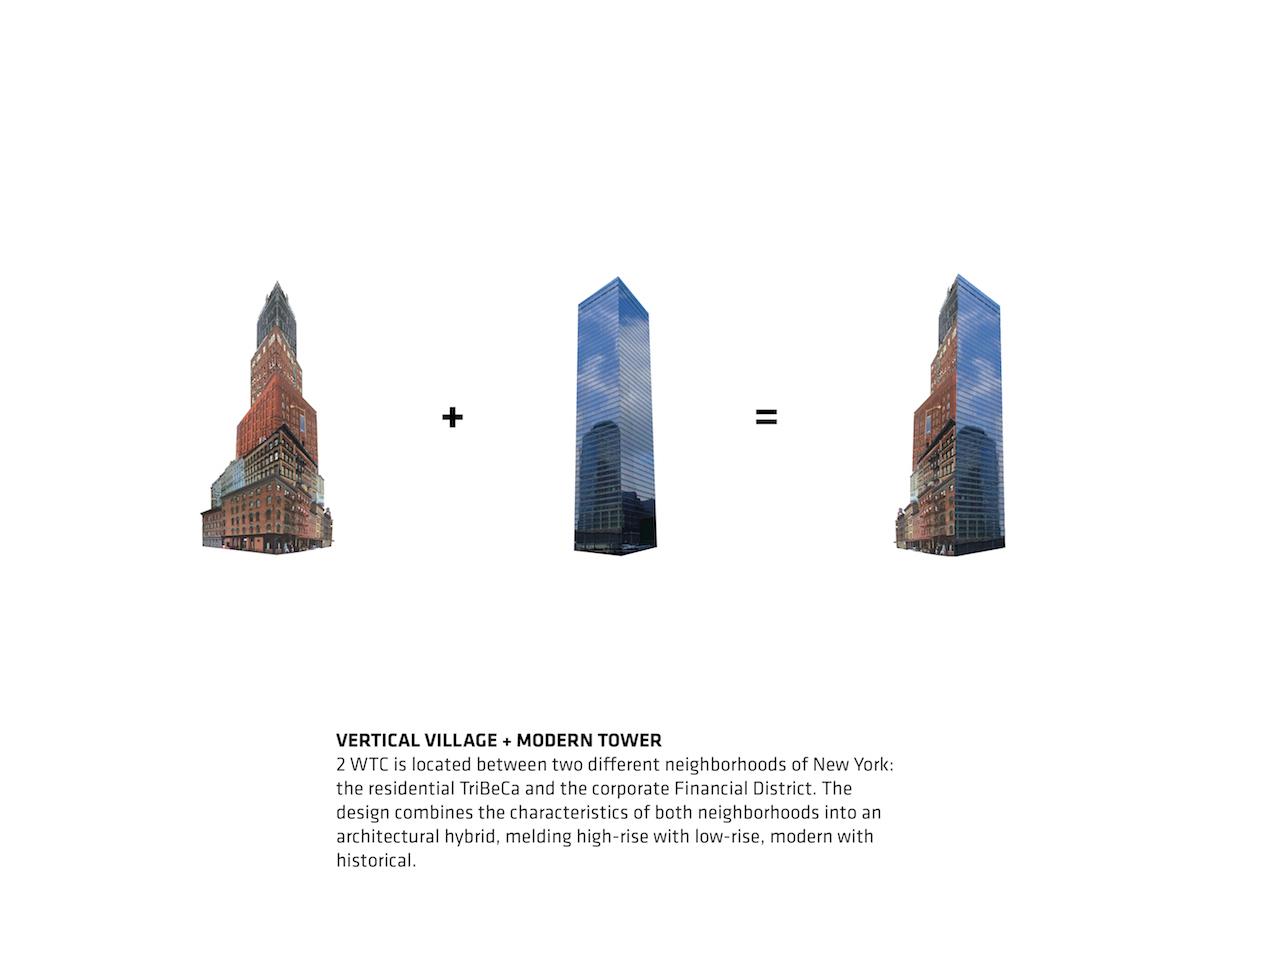 2 WTC diagram by Bjarke Ingels Group